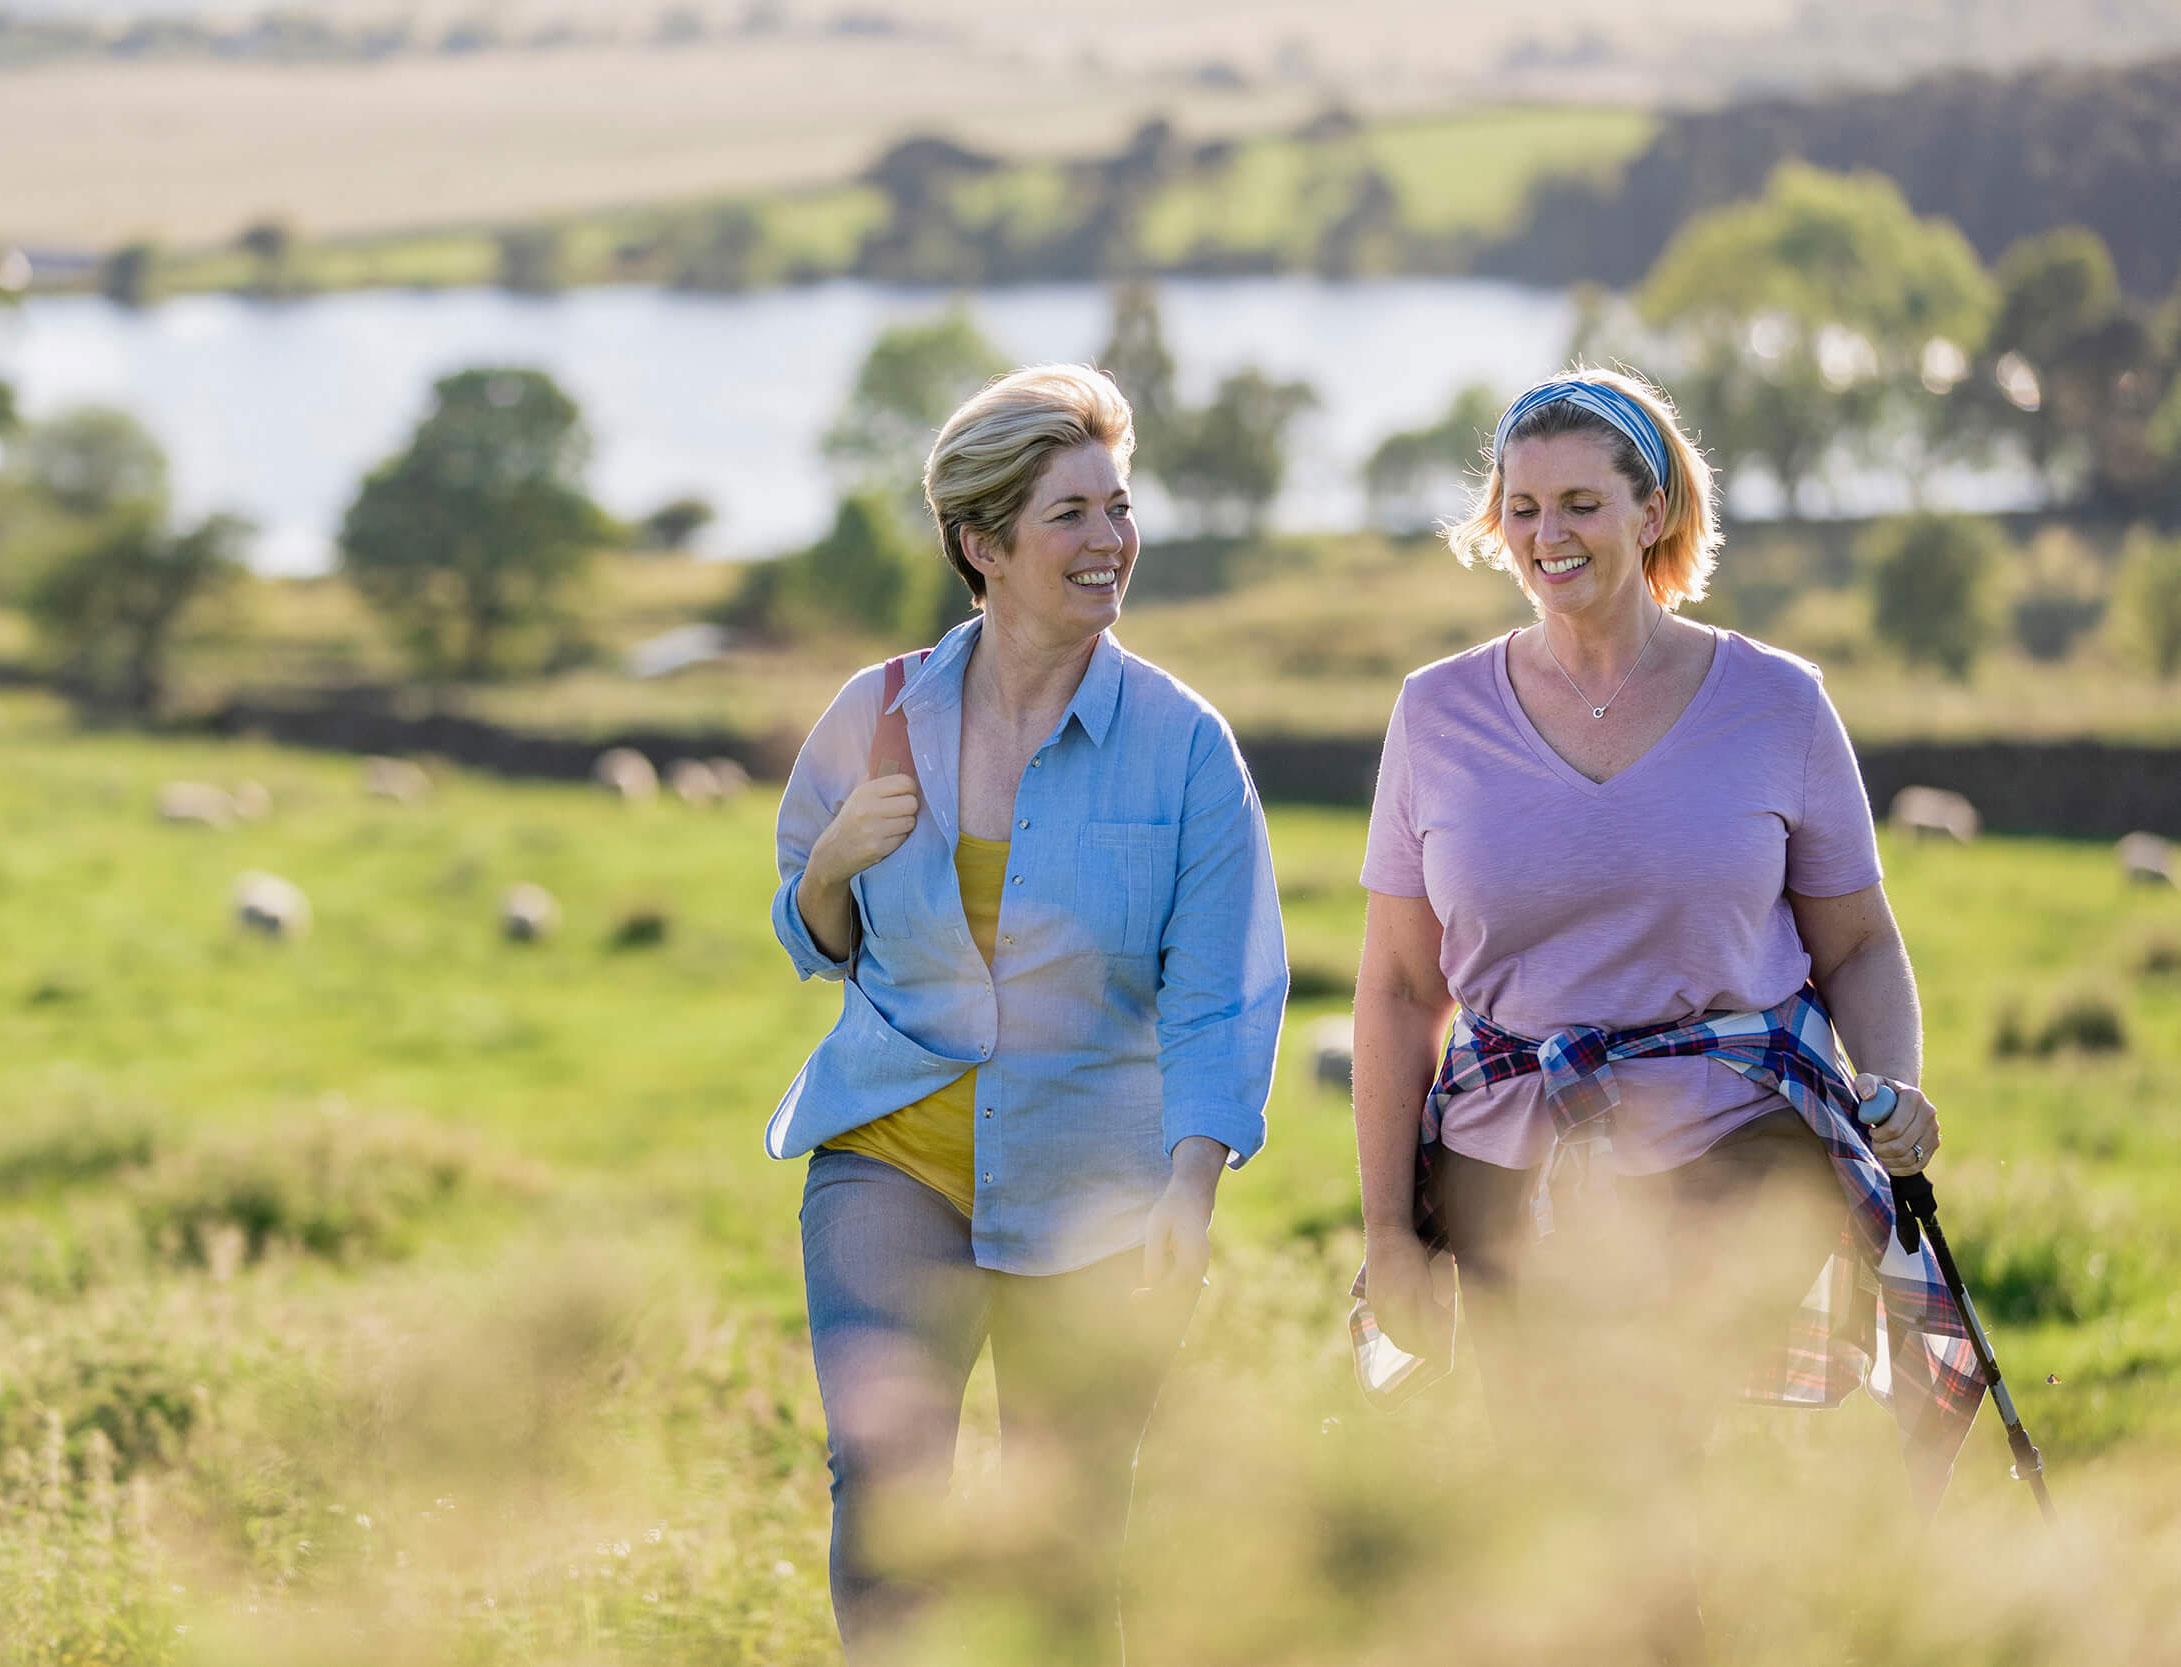 2 women taking a walk